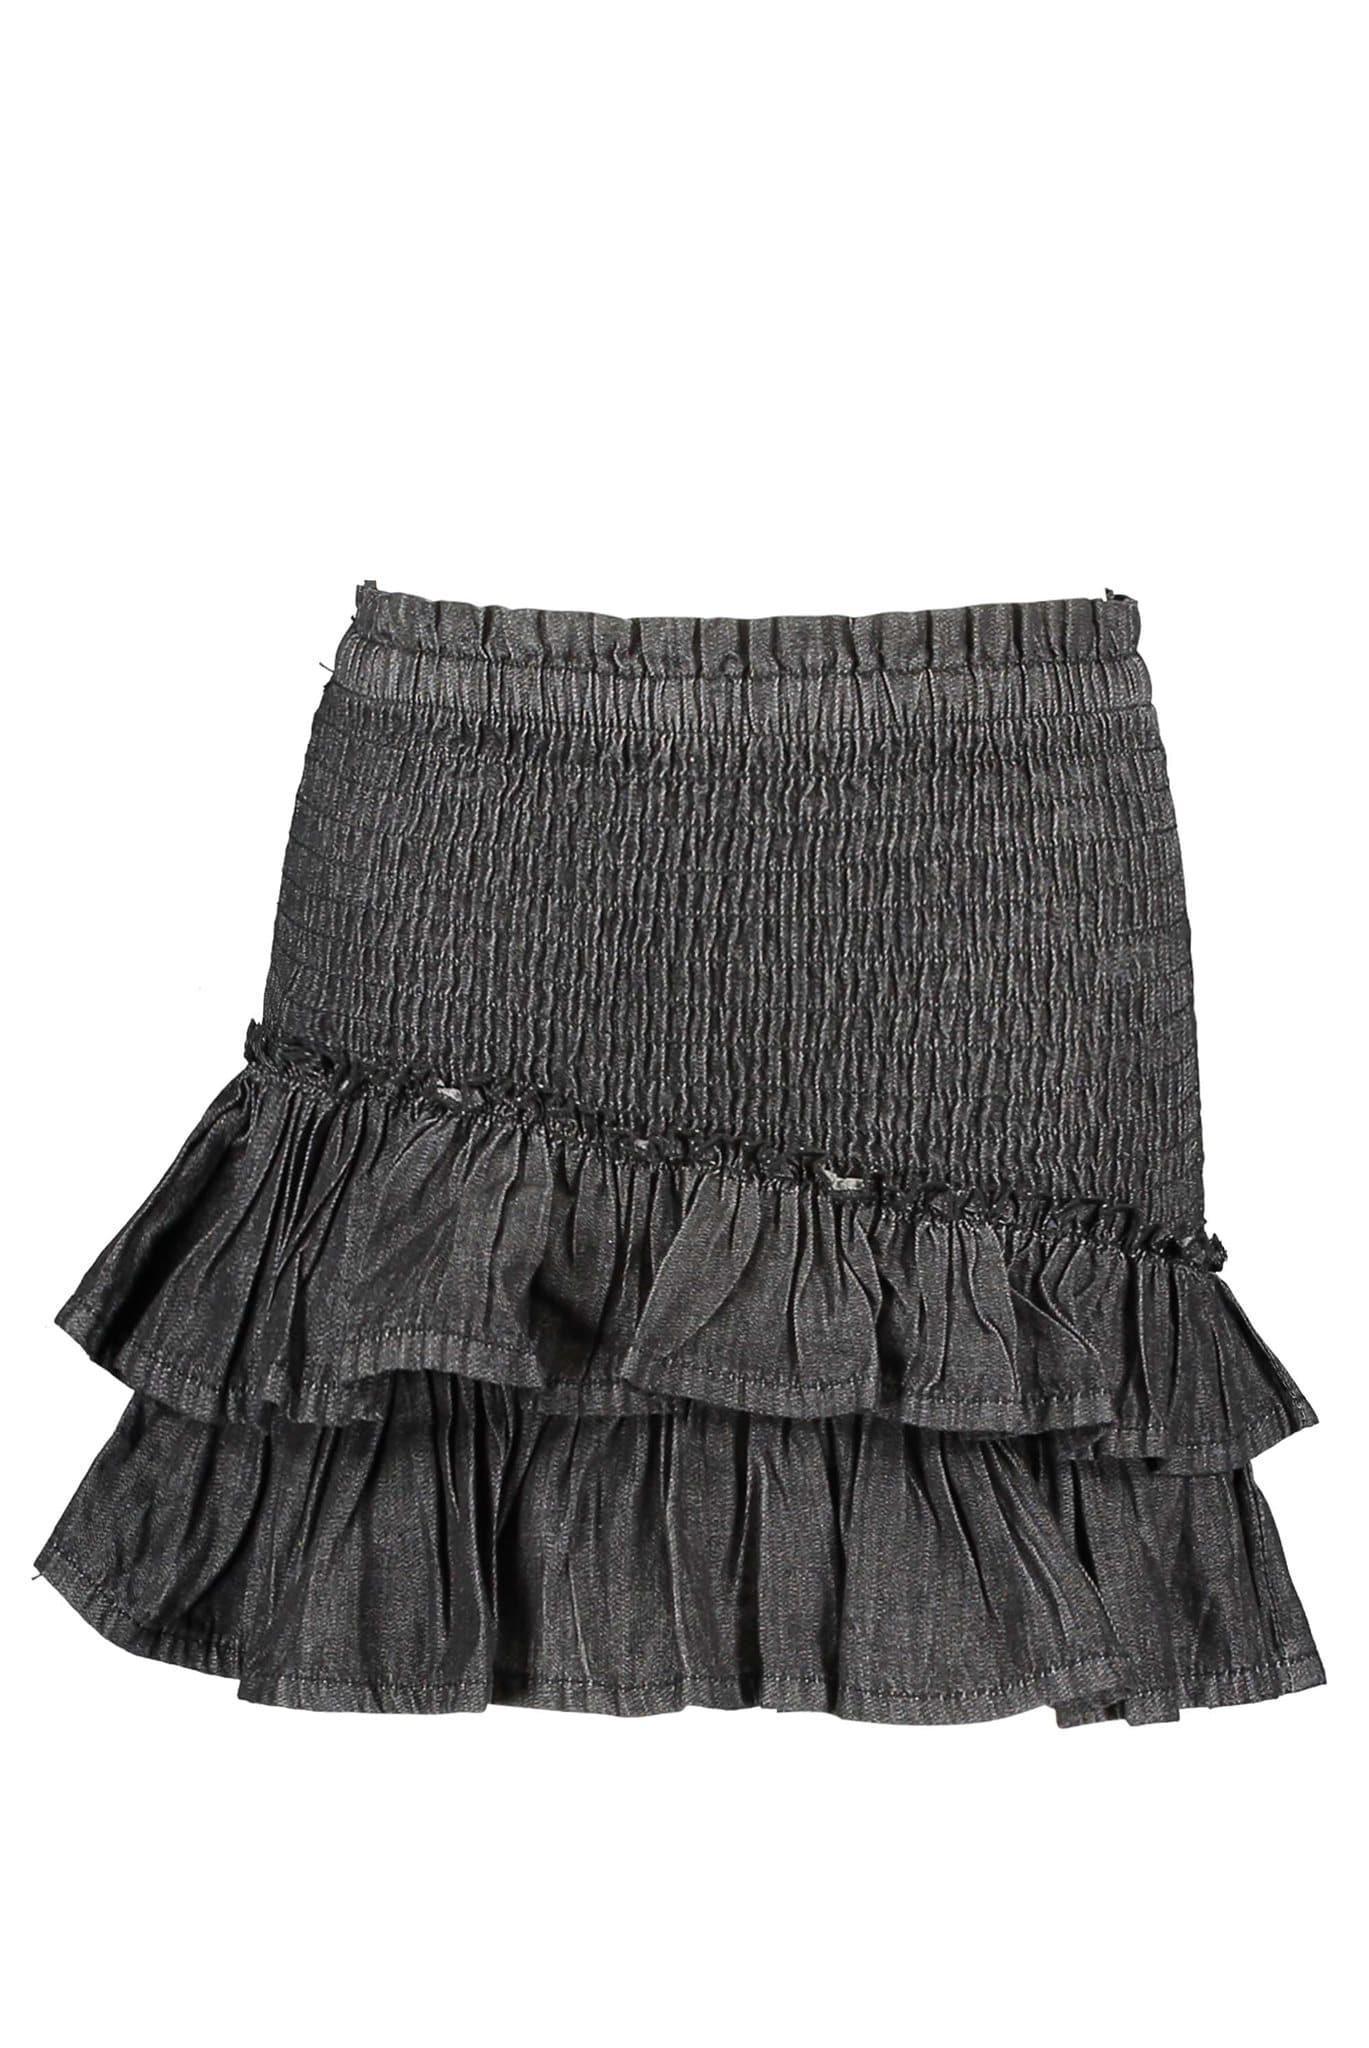 B Nosy Skirt Black